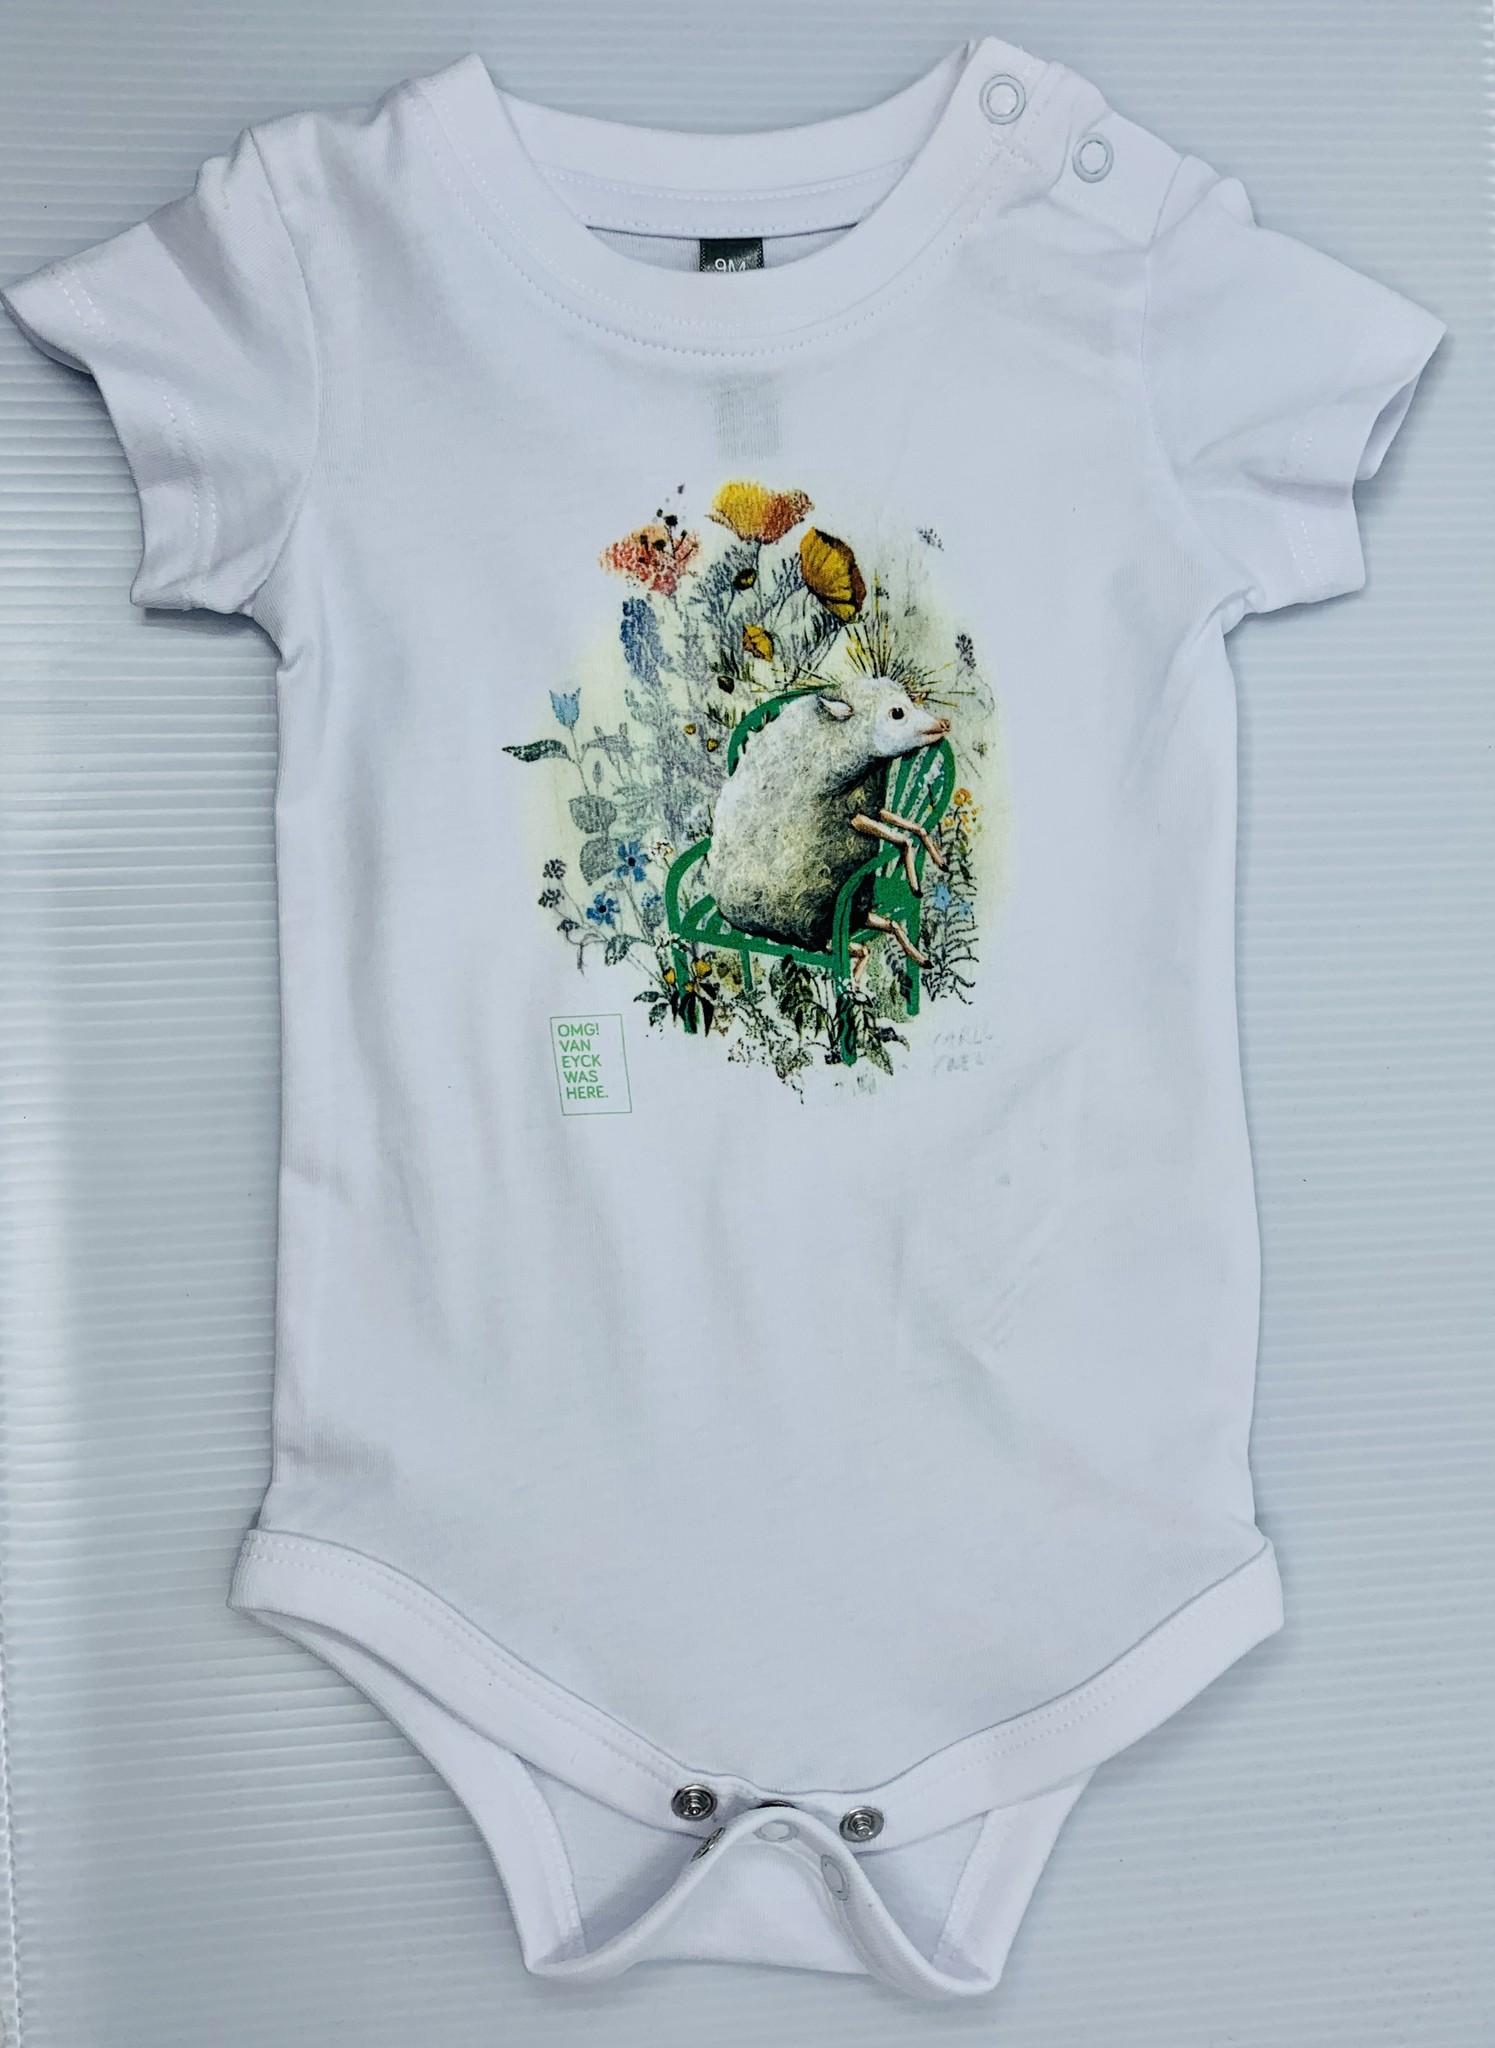 Carll Cneut Baby romper - Carll Cneut